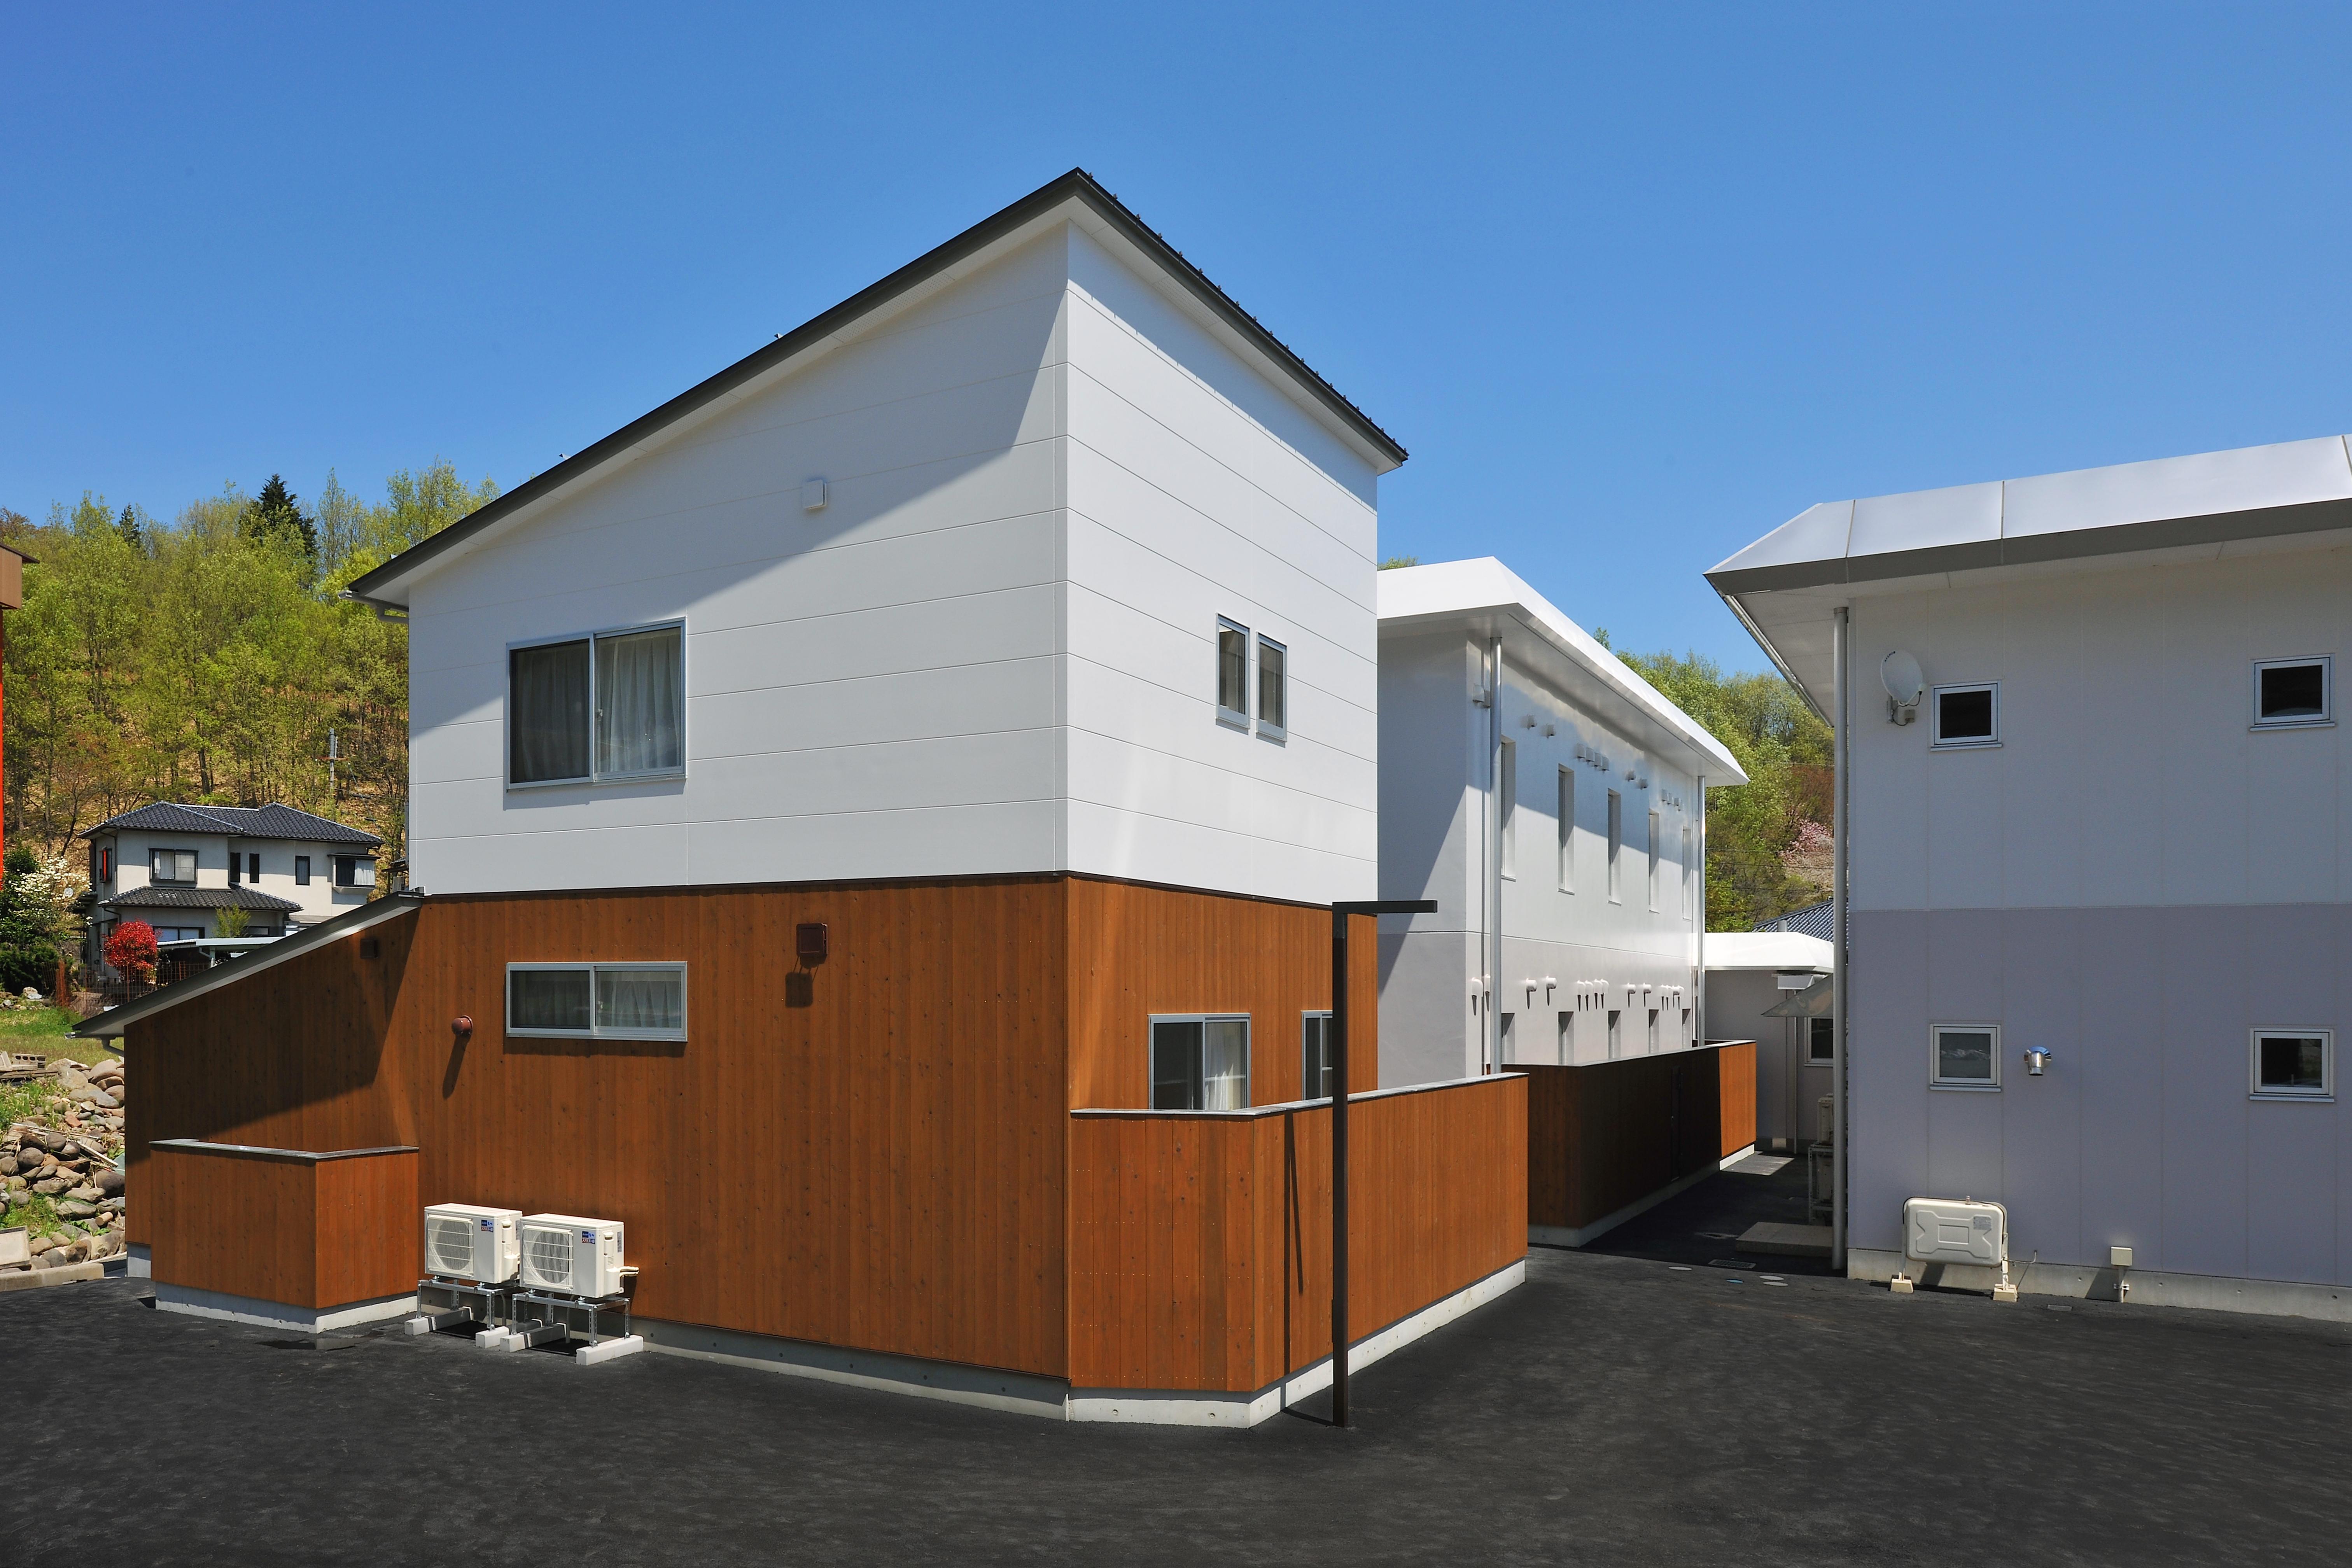 ピュアホテル増築工事及びピュアホテル倉庫改修工事